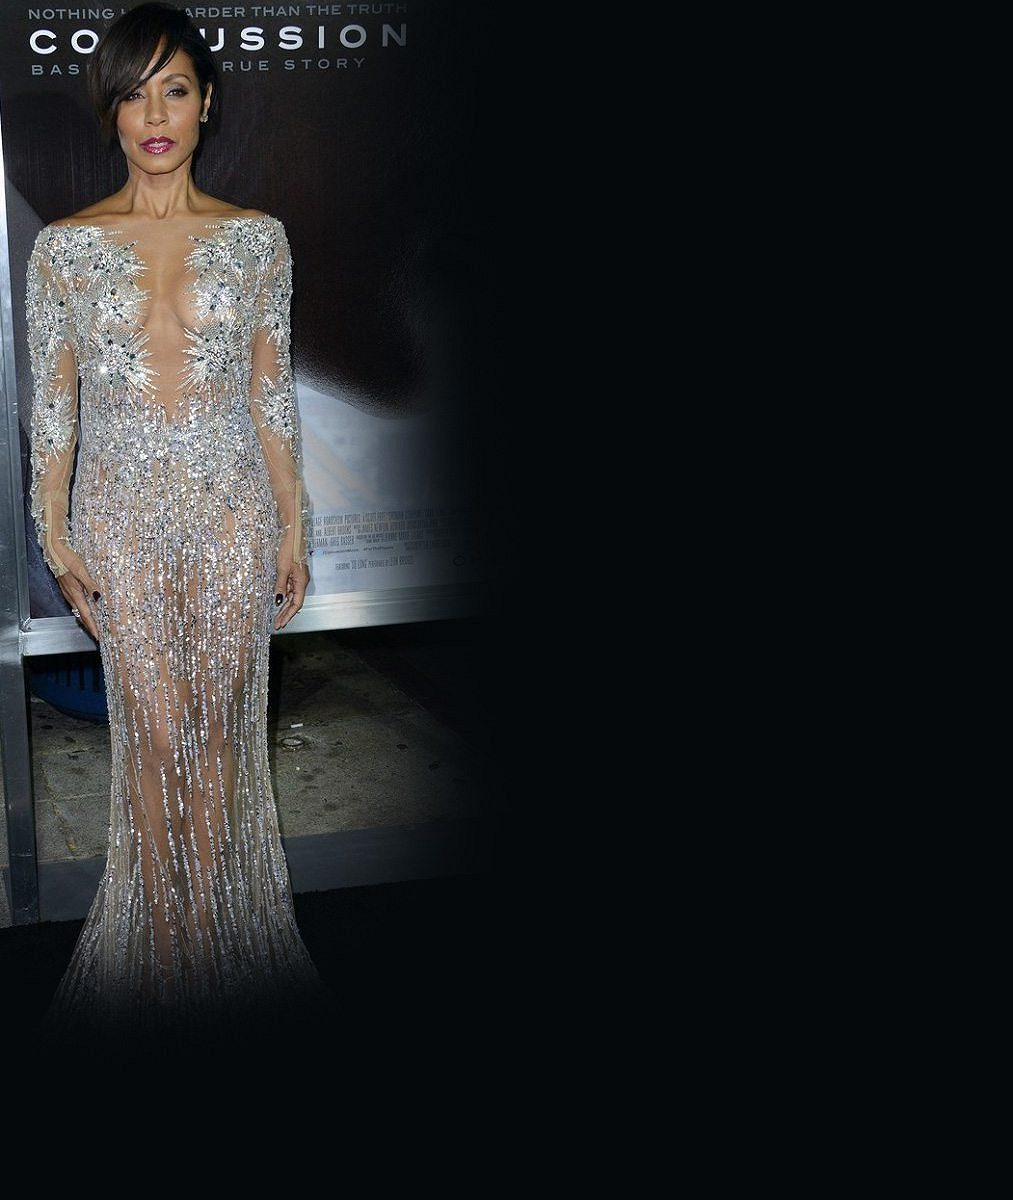 Manželka slavného herce si oblíbila téměř neviditelné šaty: V této parádě ukazuje ňadra